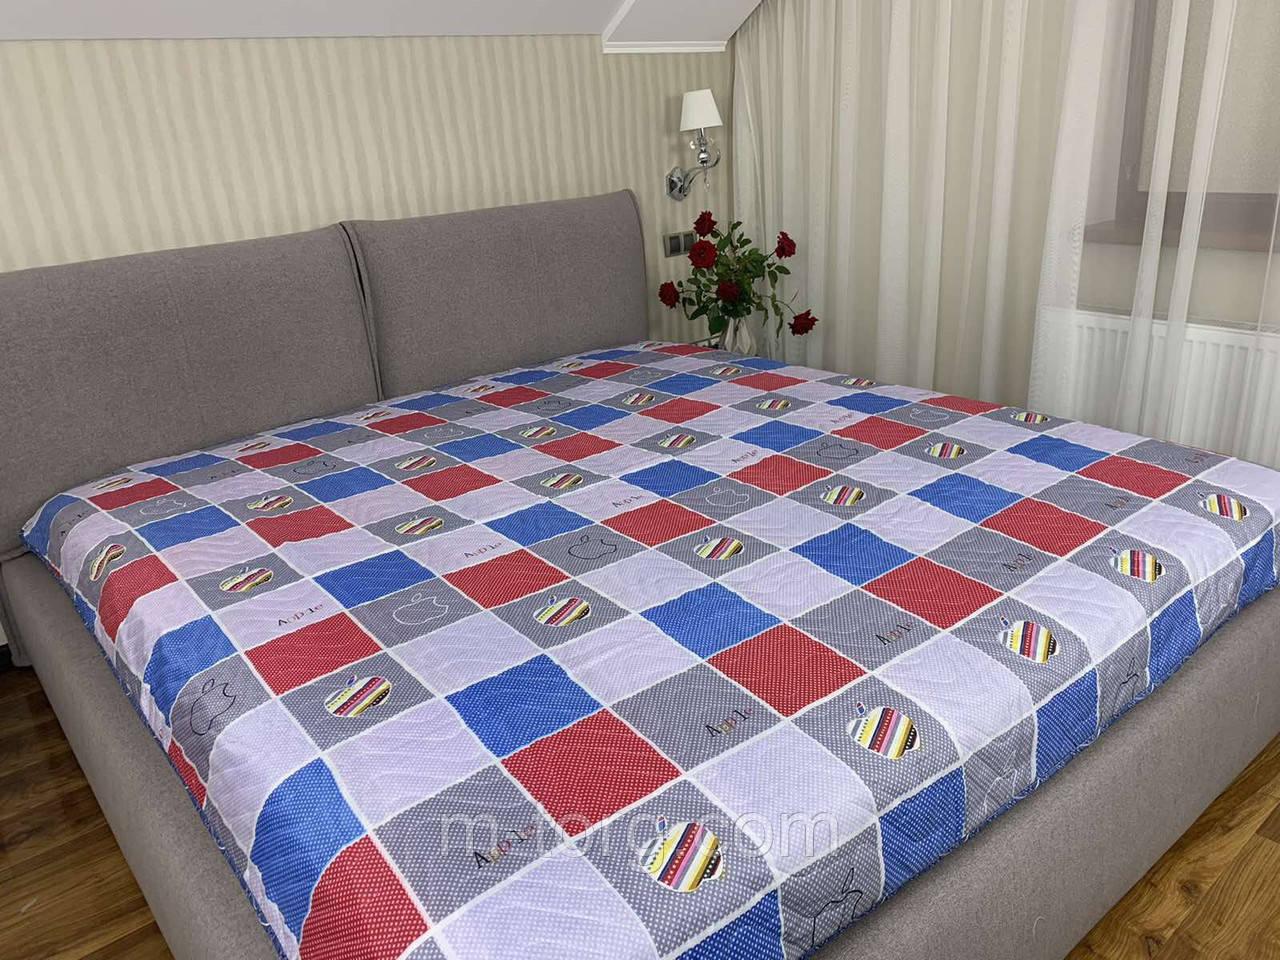 Стеганное летнее одеяло покрывало полуторный размер 145/210 см